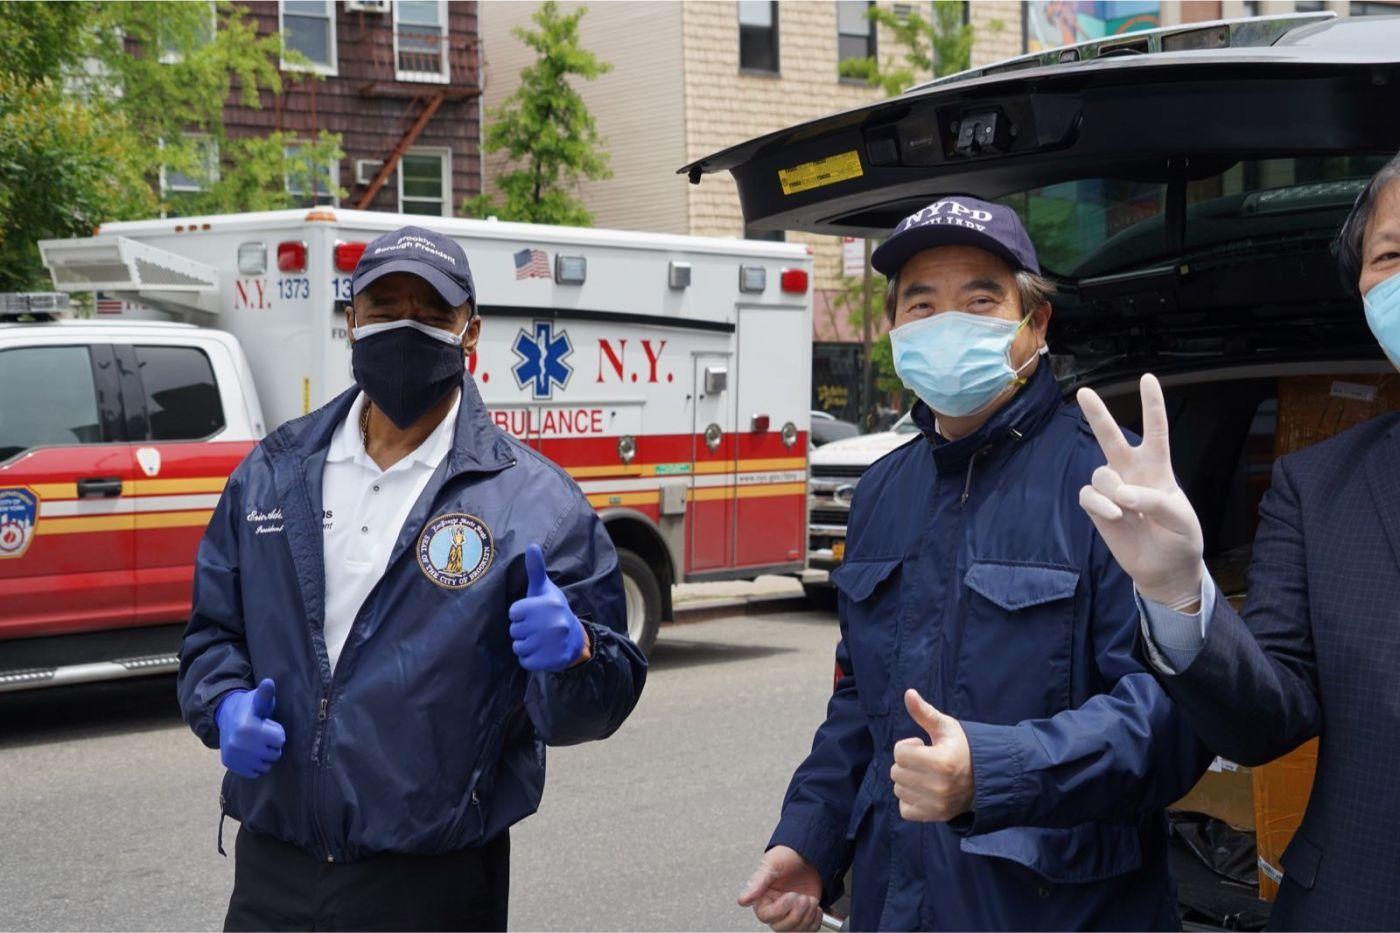 紐約華人僑團及企業家獻愛心捐贈防護物资給市消防局协助抗擊COVID-19疫情 ... ... ... ..._图1-8